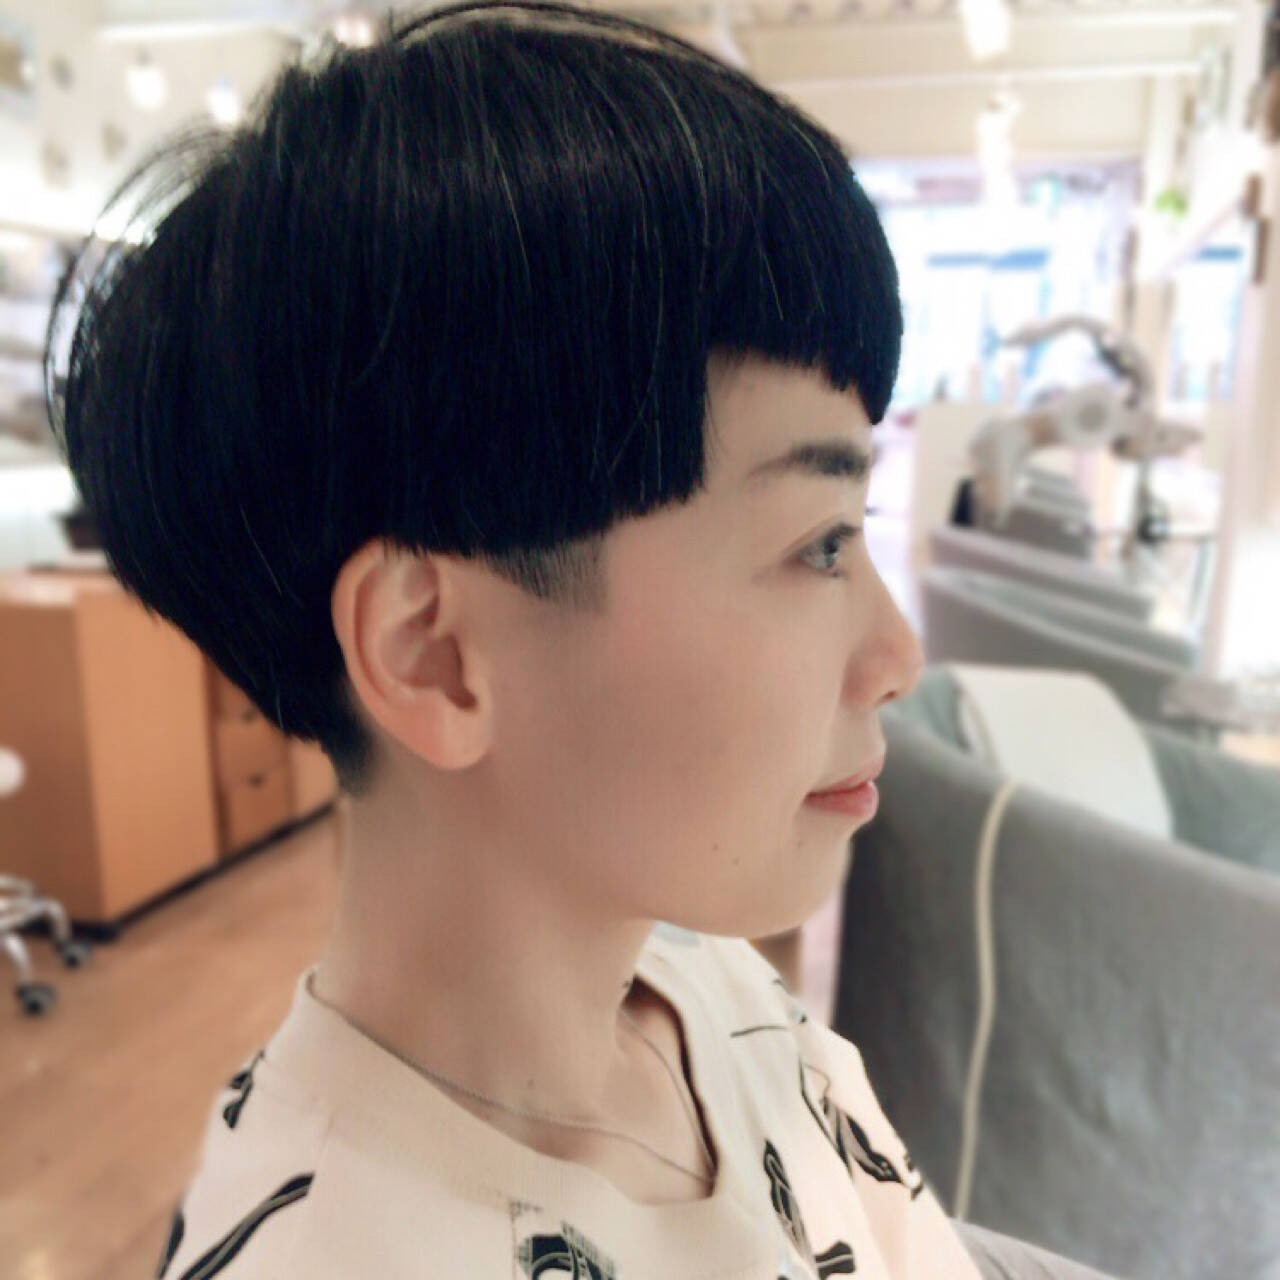 刈り上げ 坊主 モード ショートヘアスタイルや髪型の写真・画像